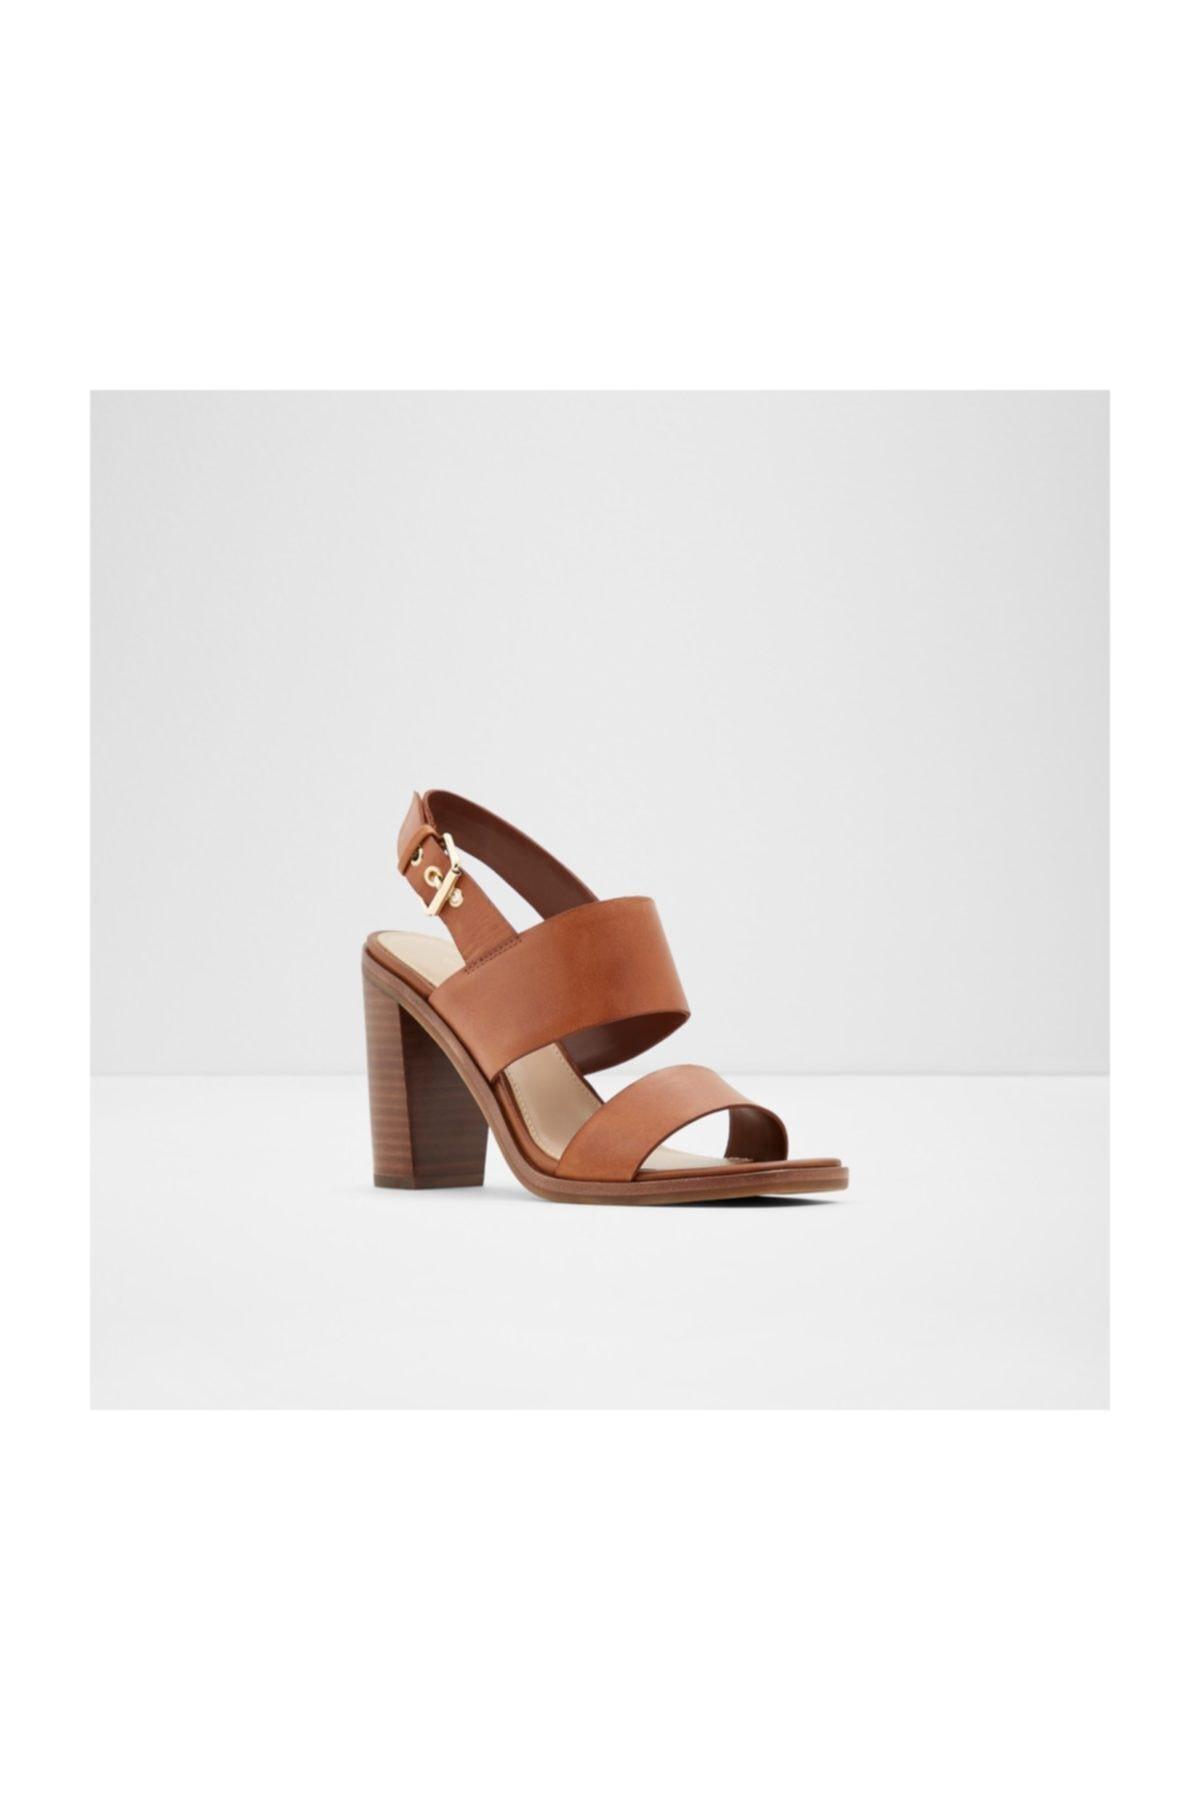 Aldo Kadın Taba Topuklu Sandalet 2